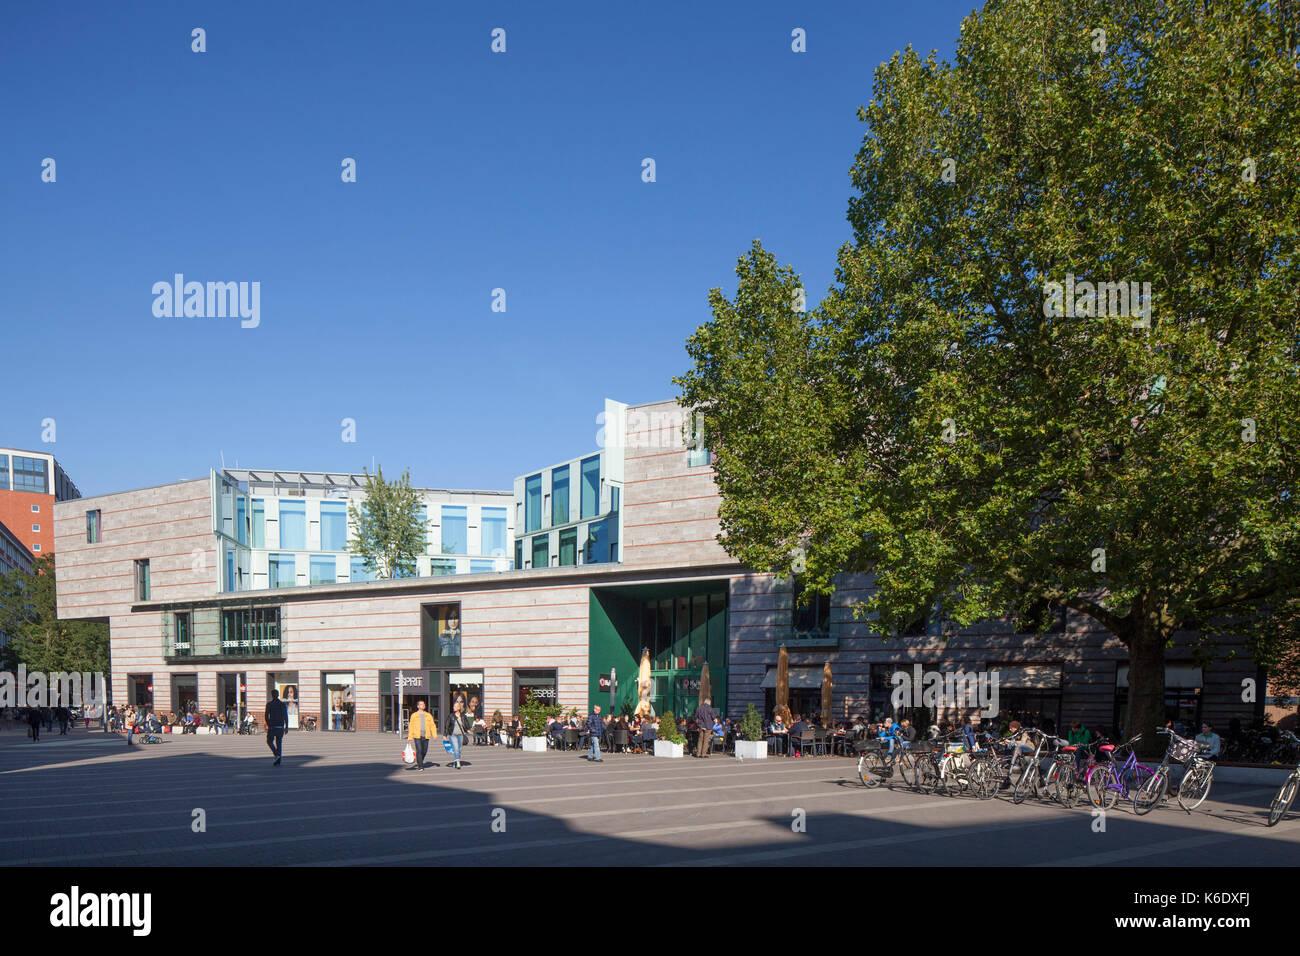 Muenster in Westfalen : Moderne Architektur in Fussgaengerzone Stubengasse I Modern Architecture in Street stubengasse, Stock Photo